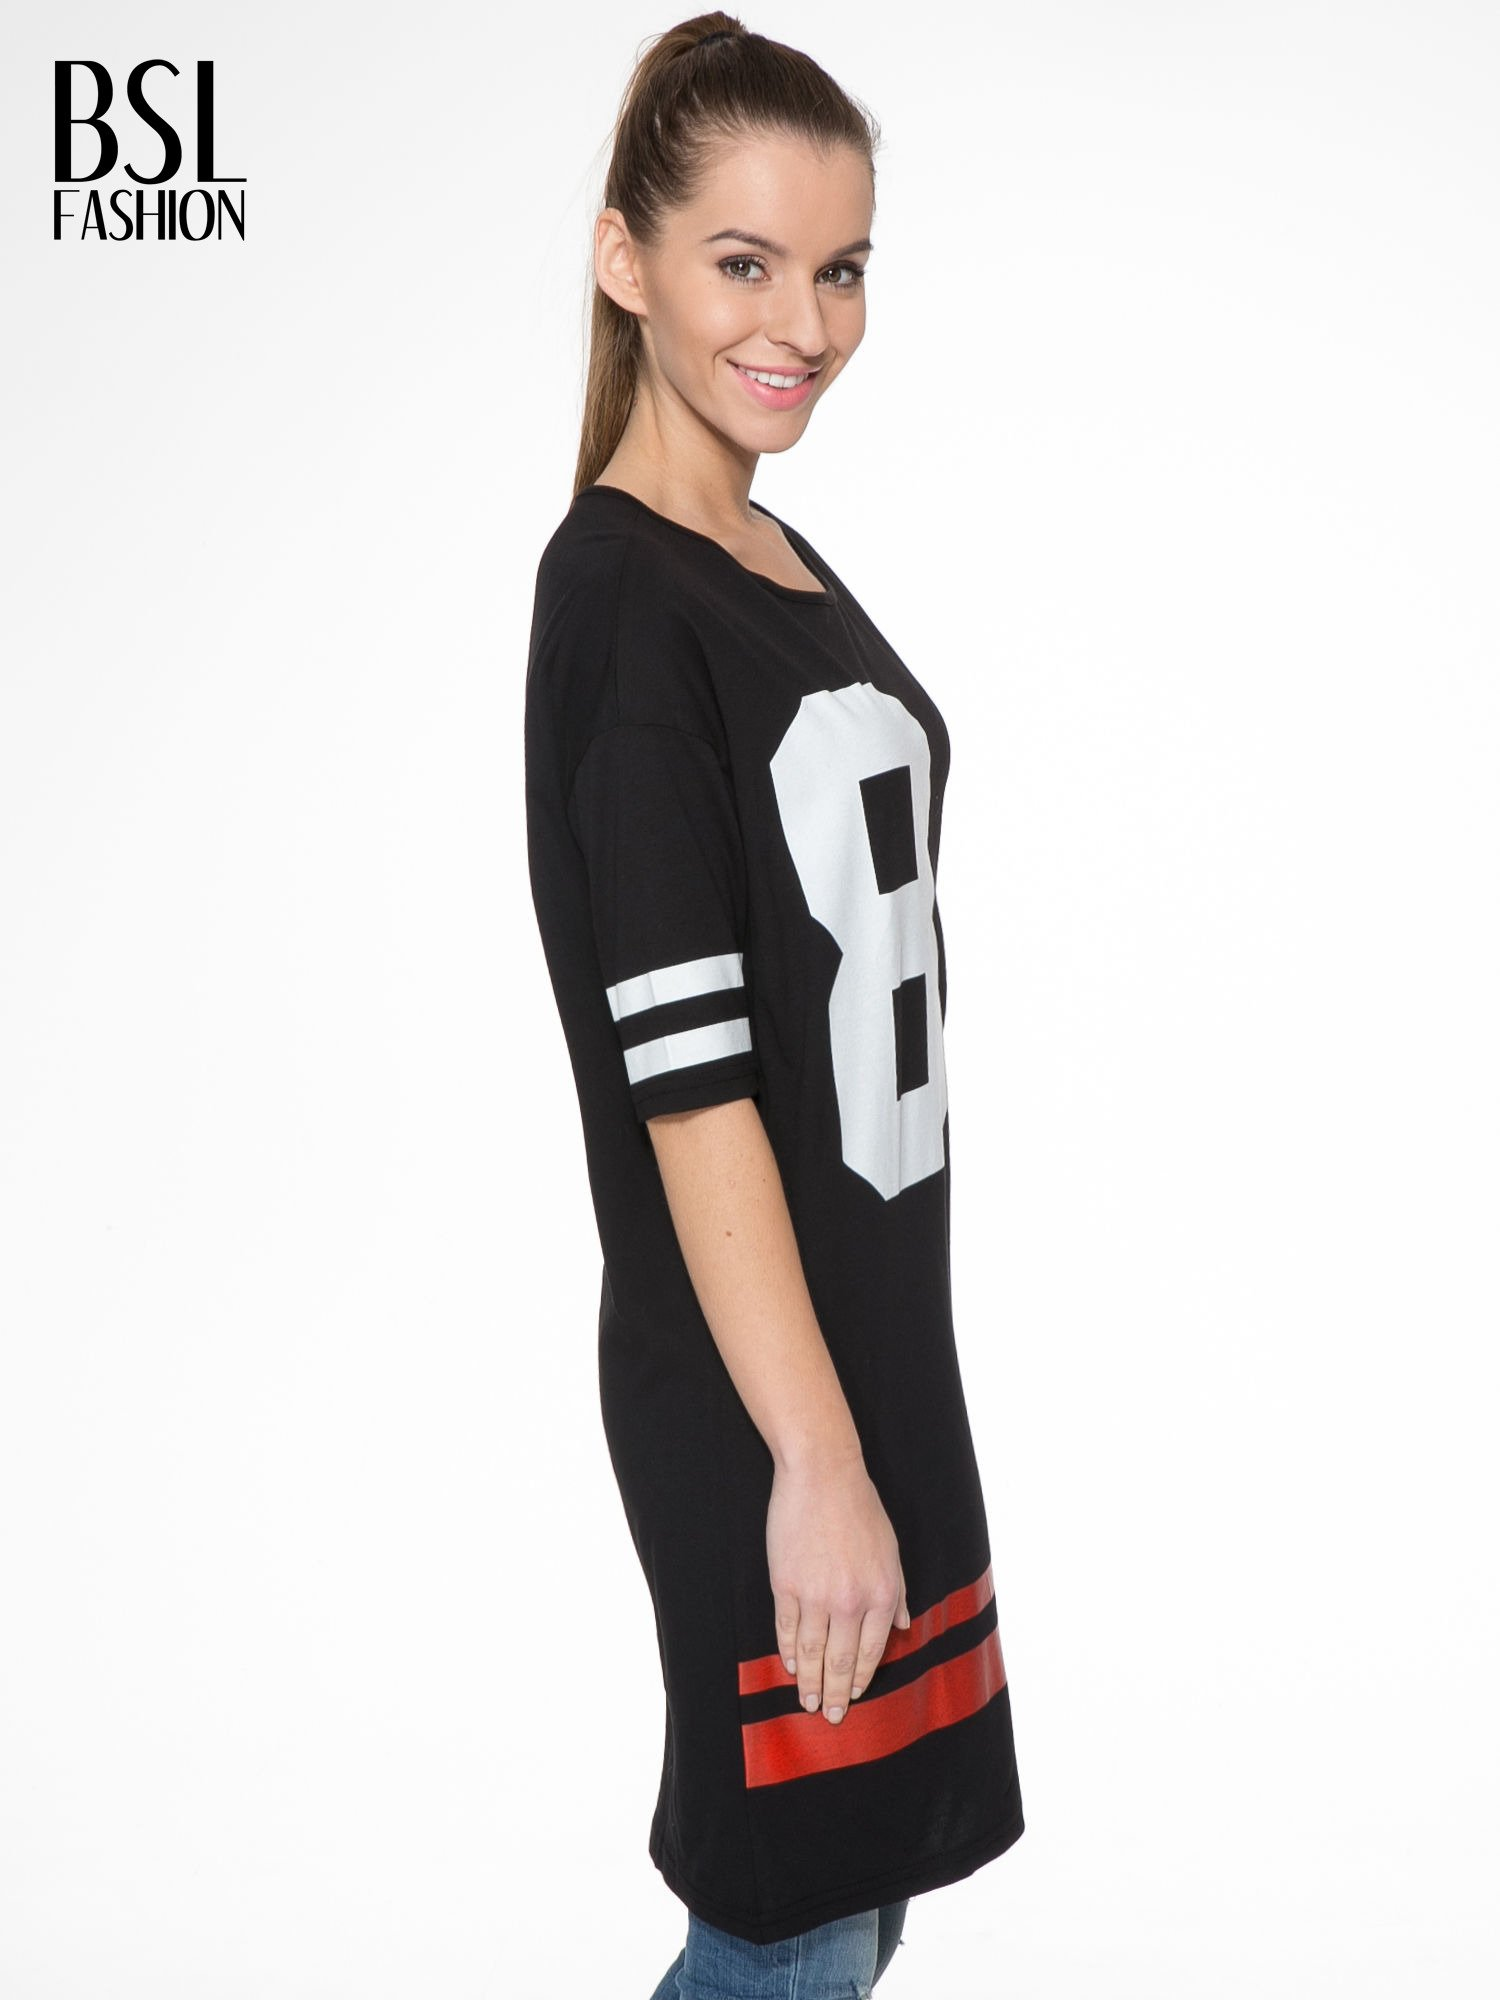 Czarna sukienka z numerem w stylu baseball dress                                  zdj.                                  3